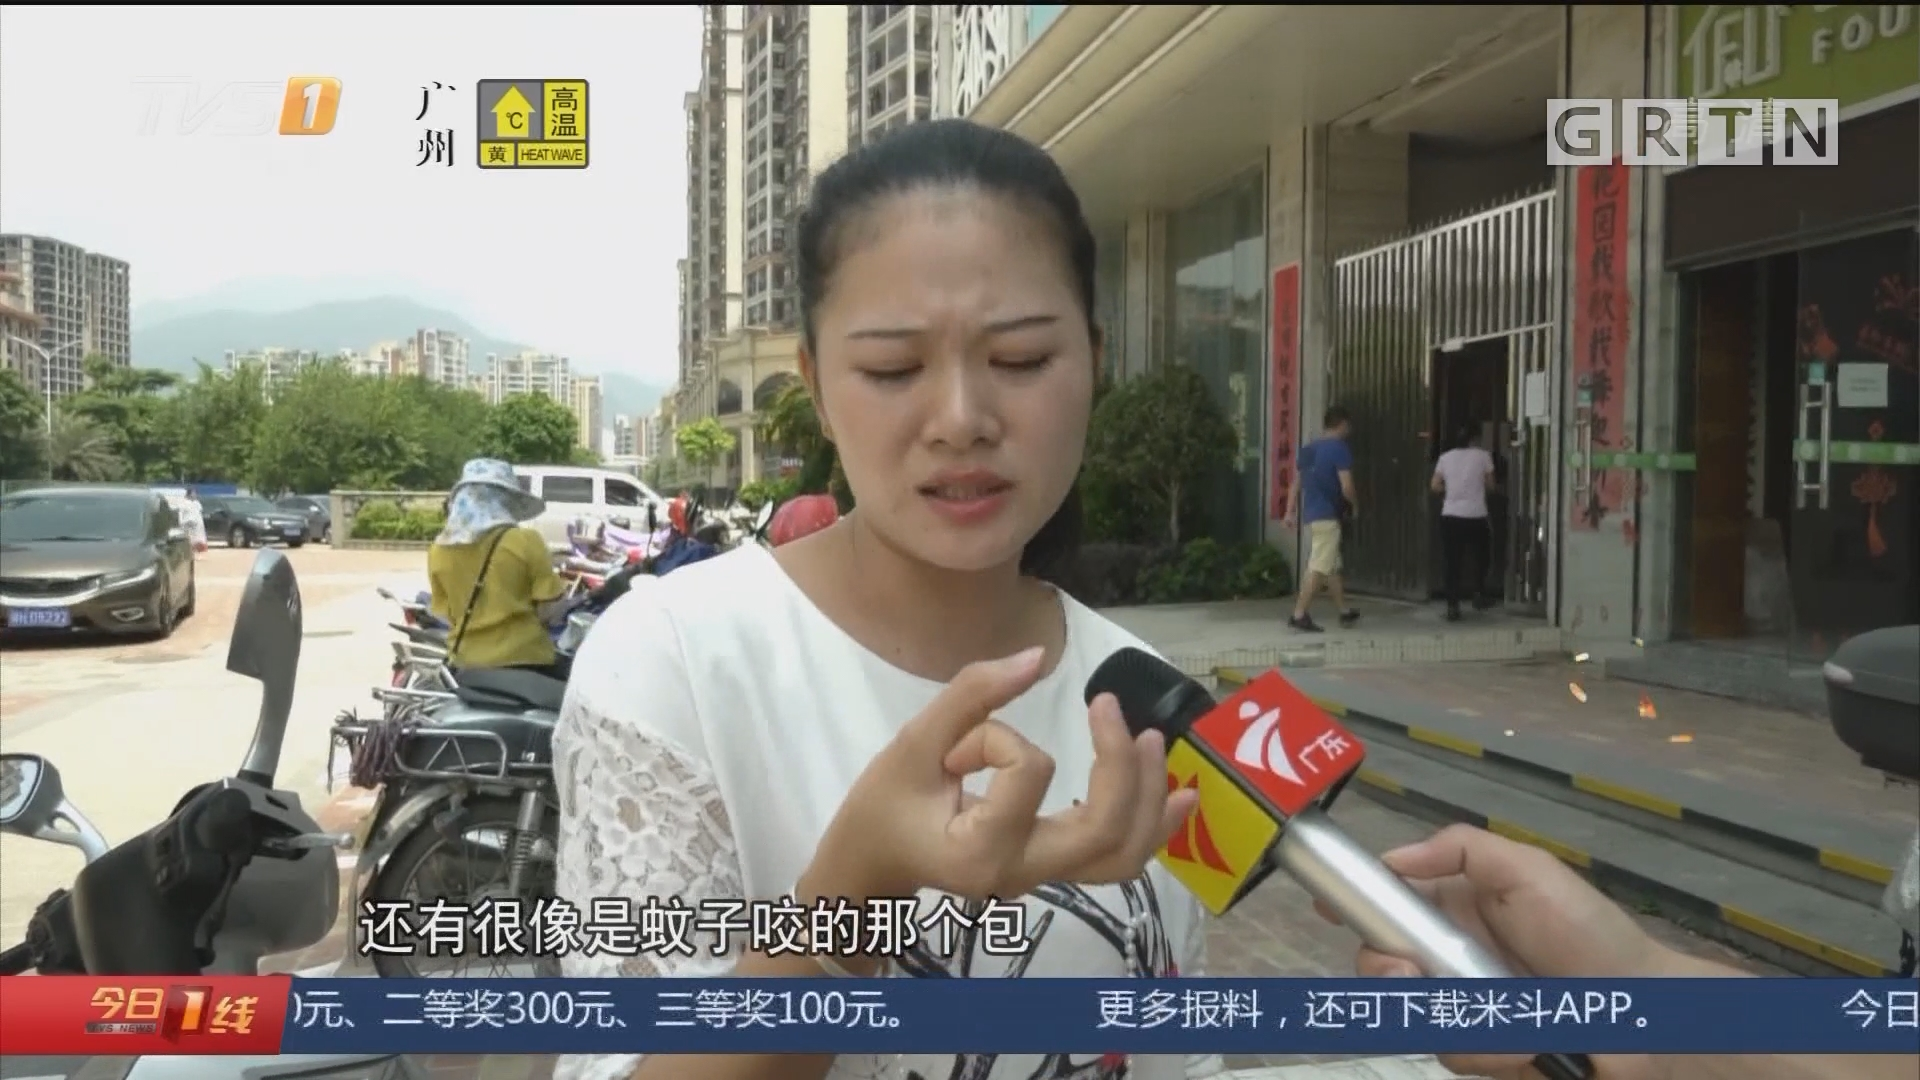 肇庆鼎湖区:遭红火蚁咬 全身多处红肿呼吸困难